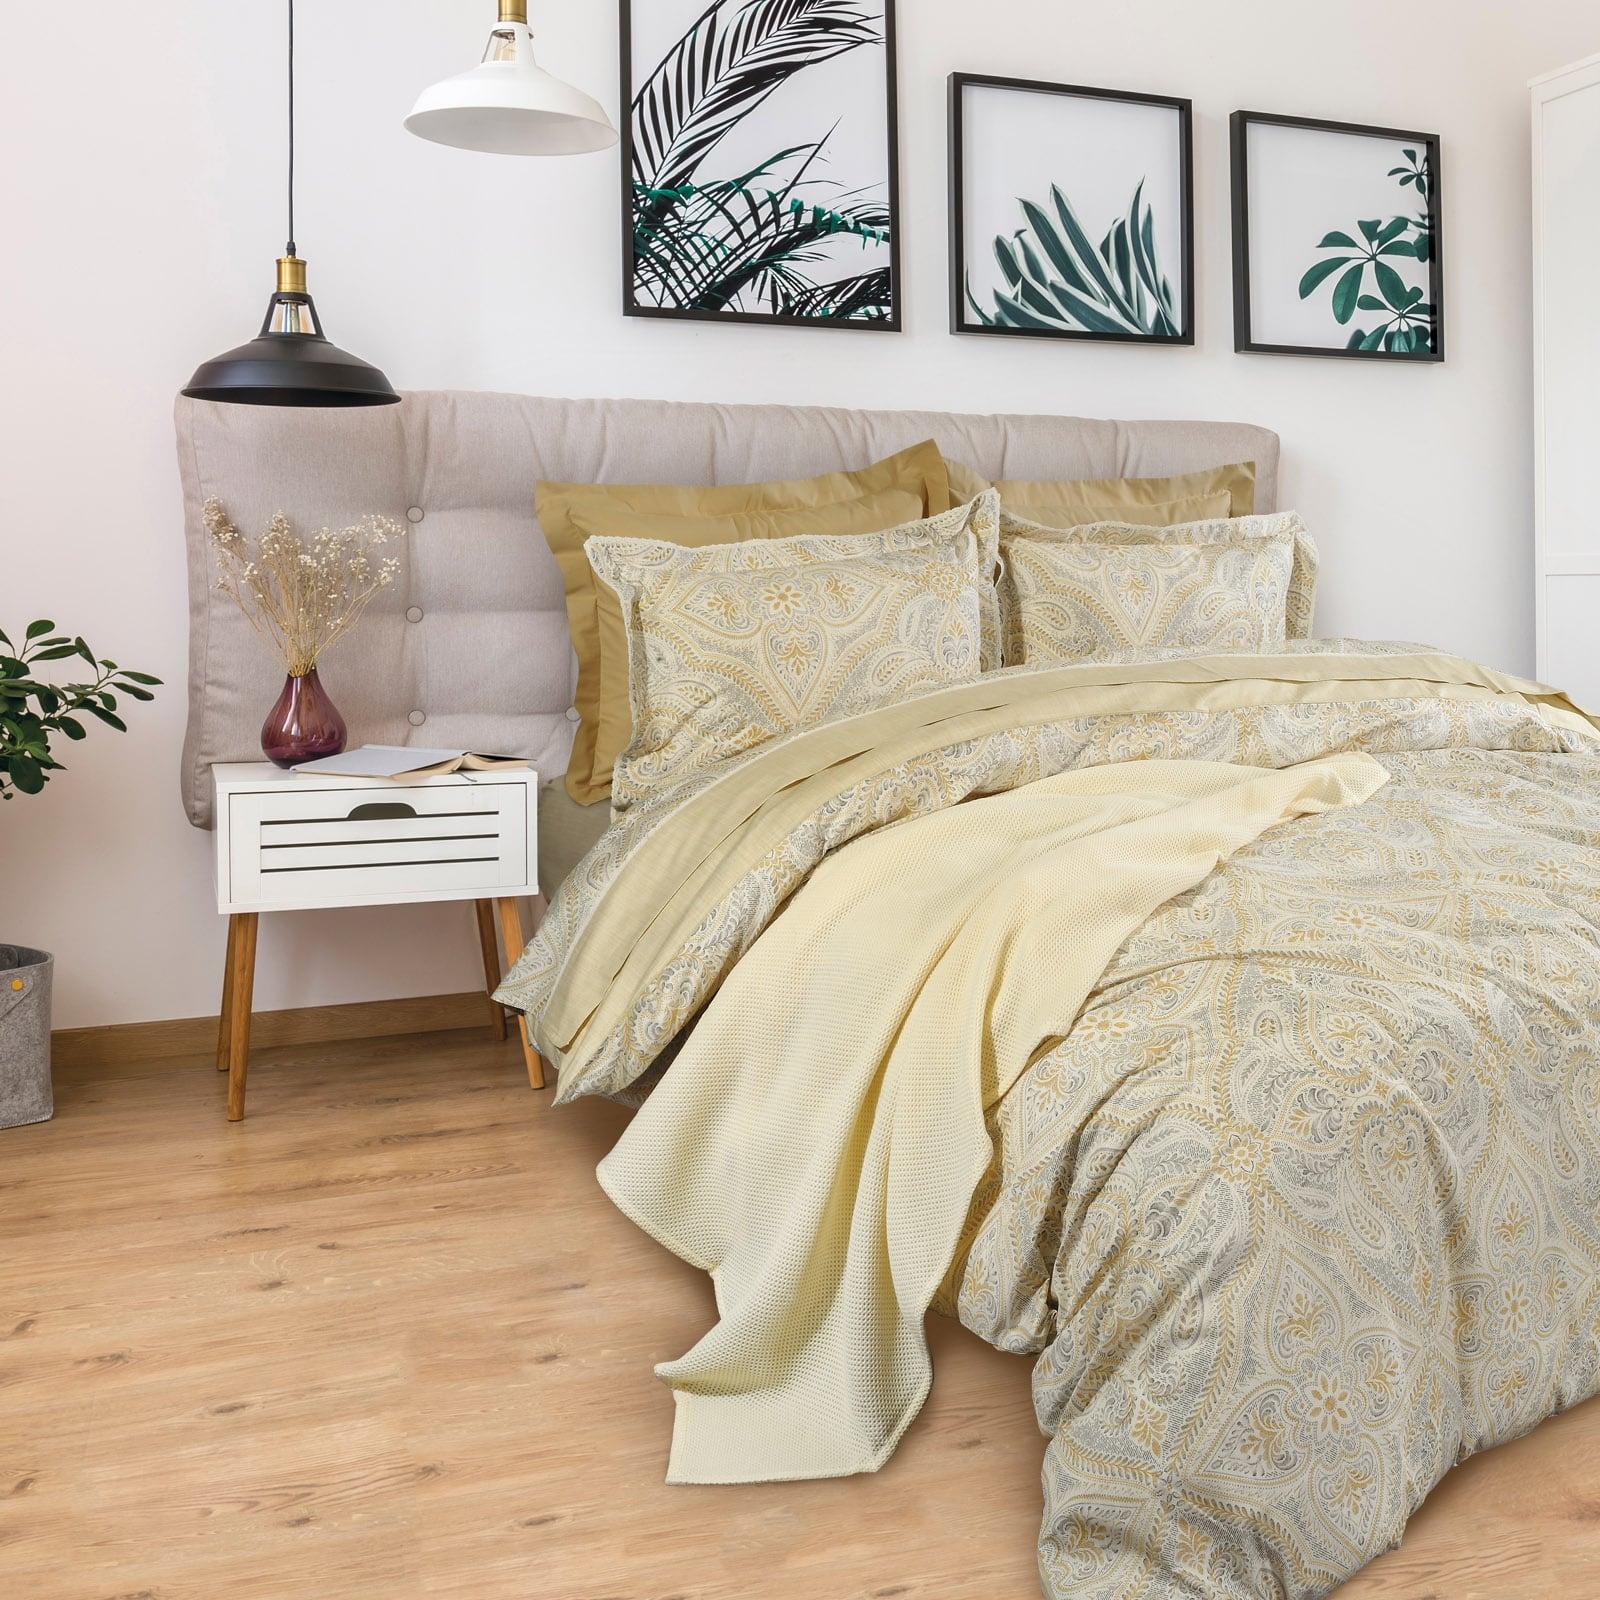 Κουβερλί Σετ 3τμχ 1624 Prestige Yellow-Beige Das Home Υπέρδιπλo 220x240cm